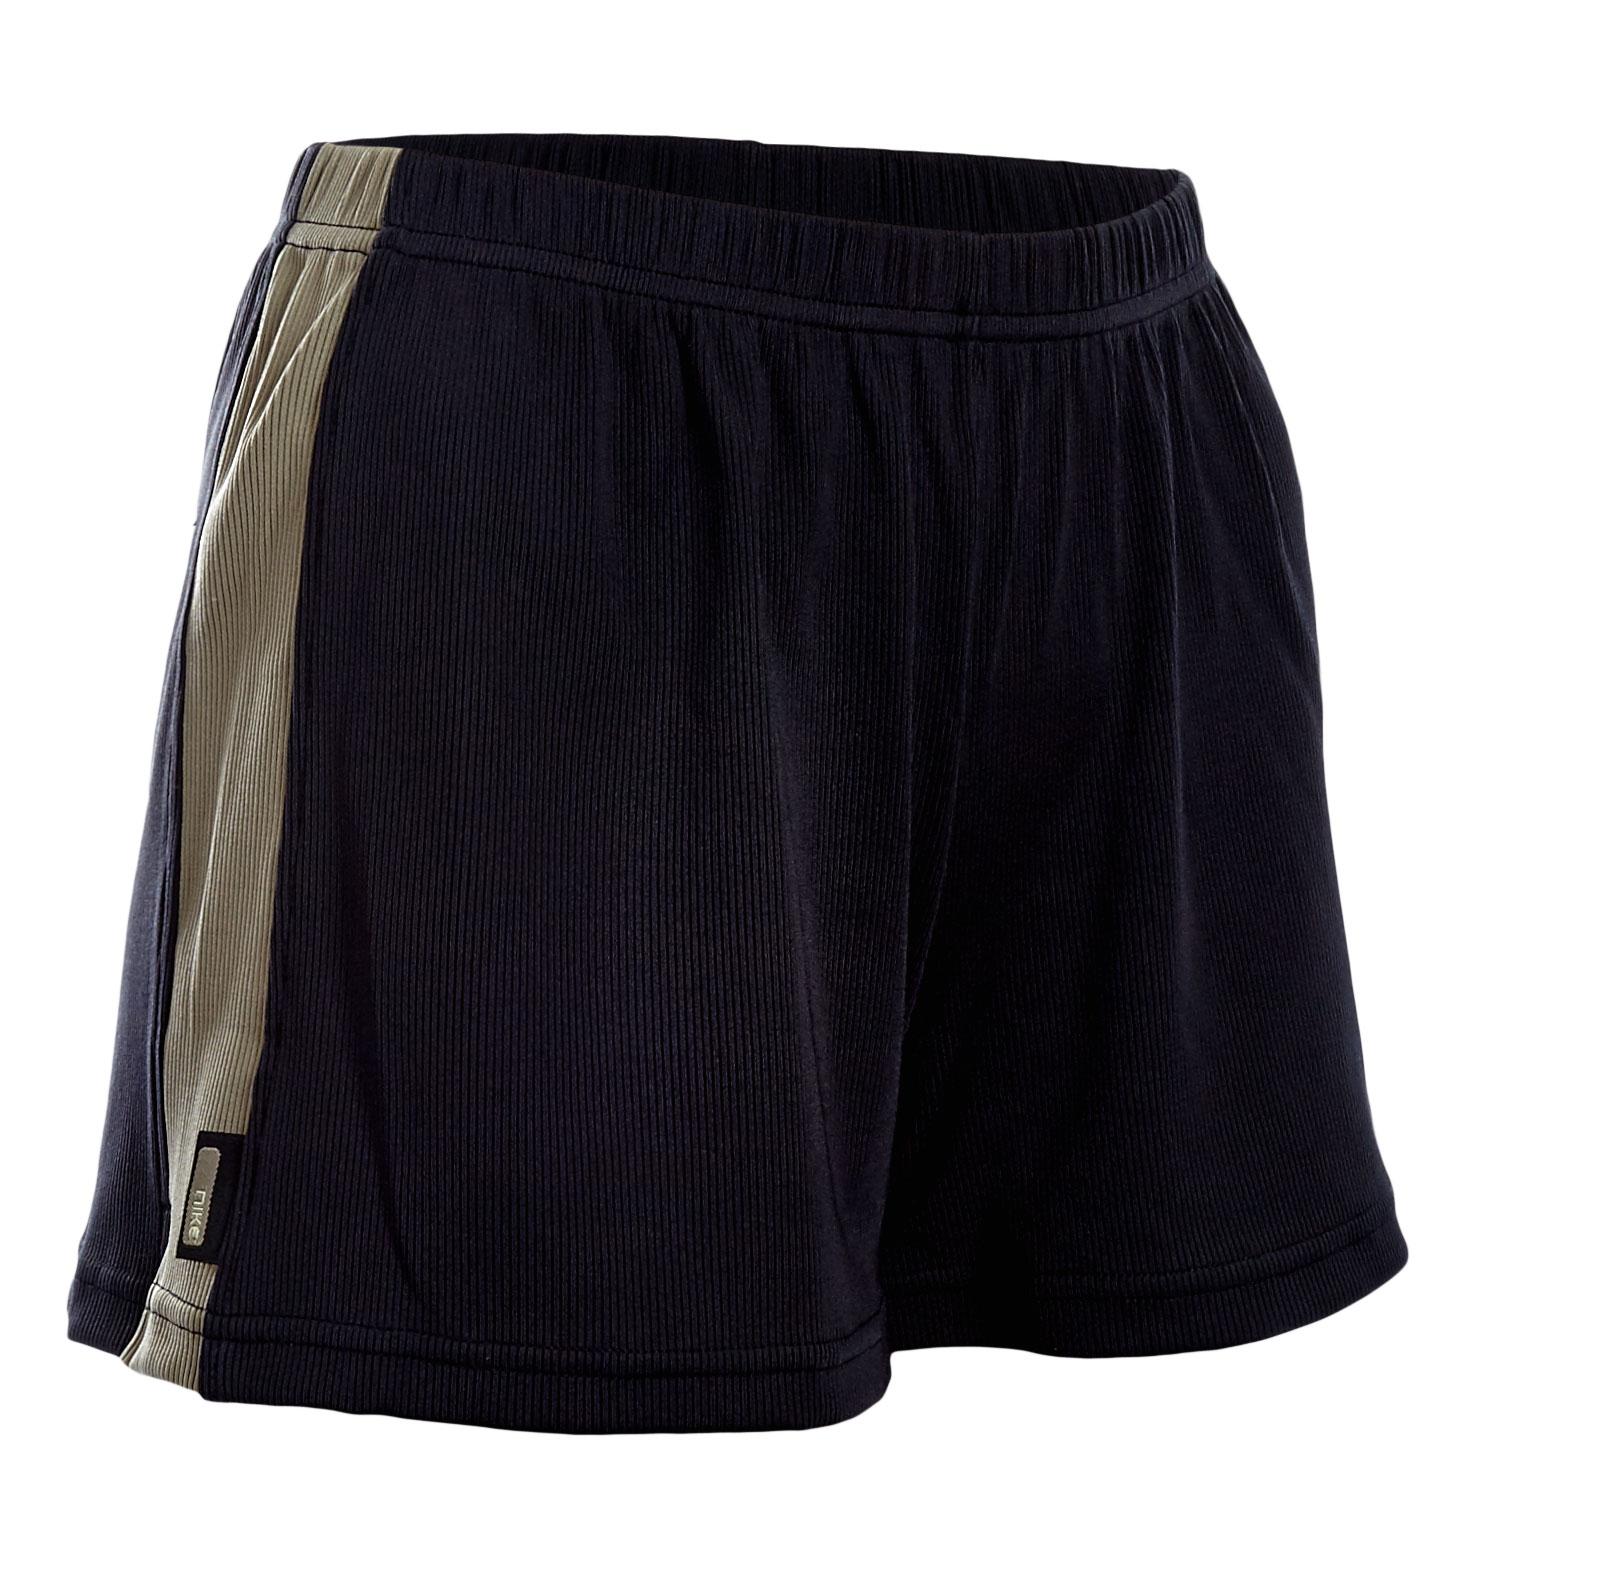 nike damen fitness mini shorts 222231 trainings short hose xs s m l xl neu ebay. Black Bedroom Furniture Sets. Home Design Ideas